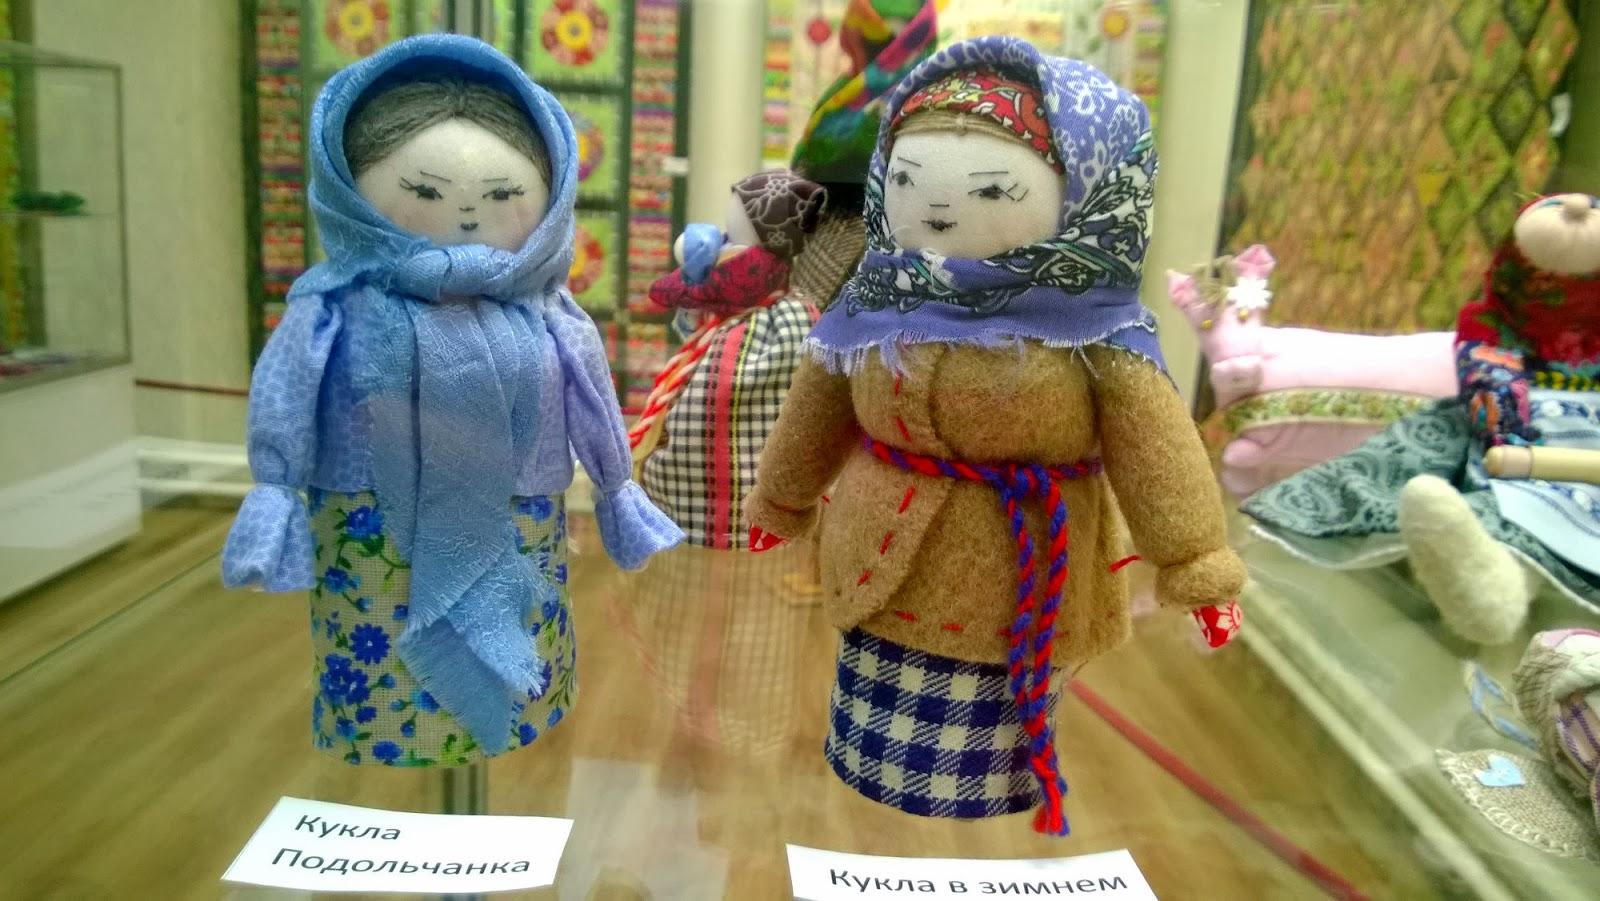 текстильная выставка в подольске 2014